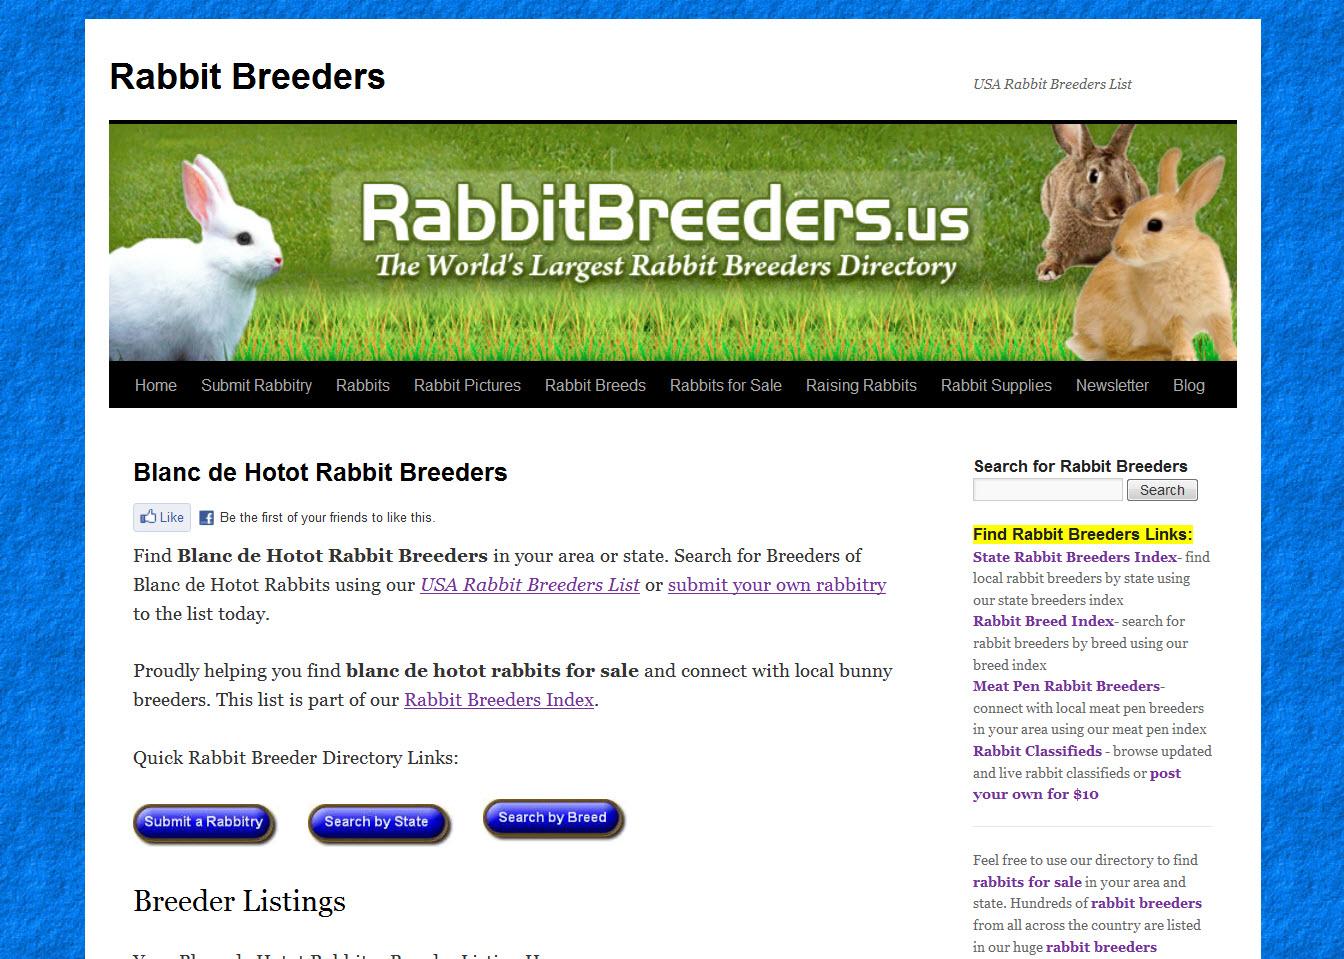 Blanc de Hotot Rabbits for Sale